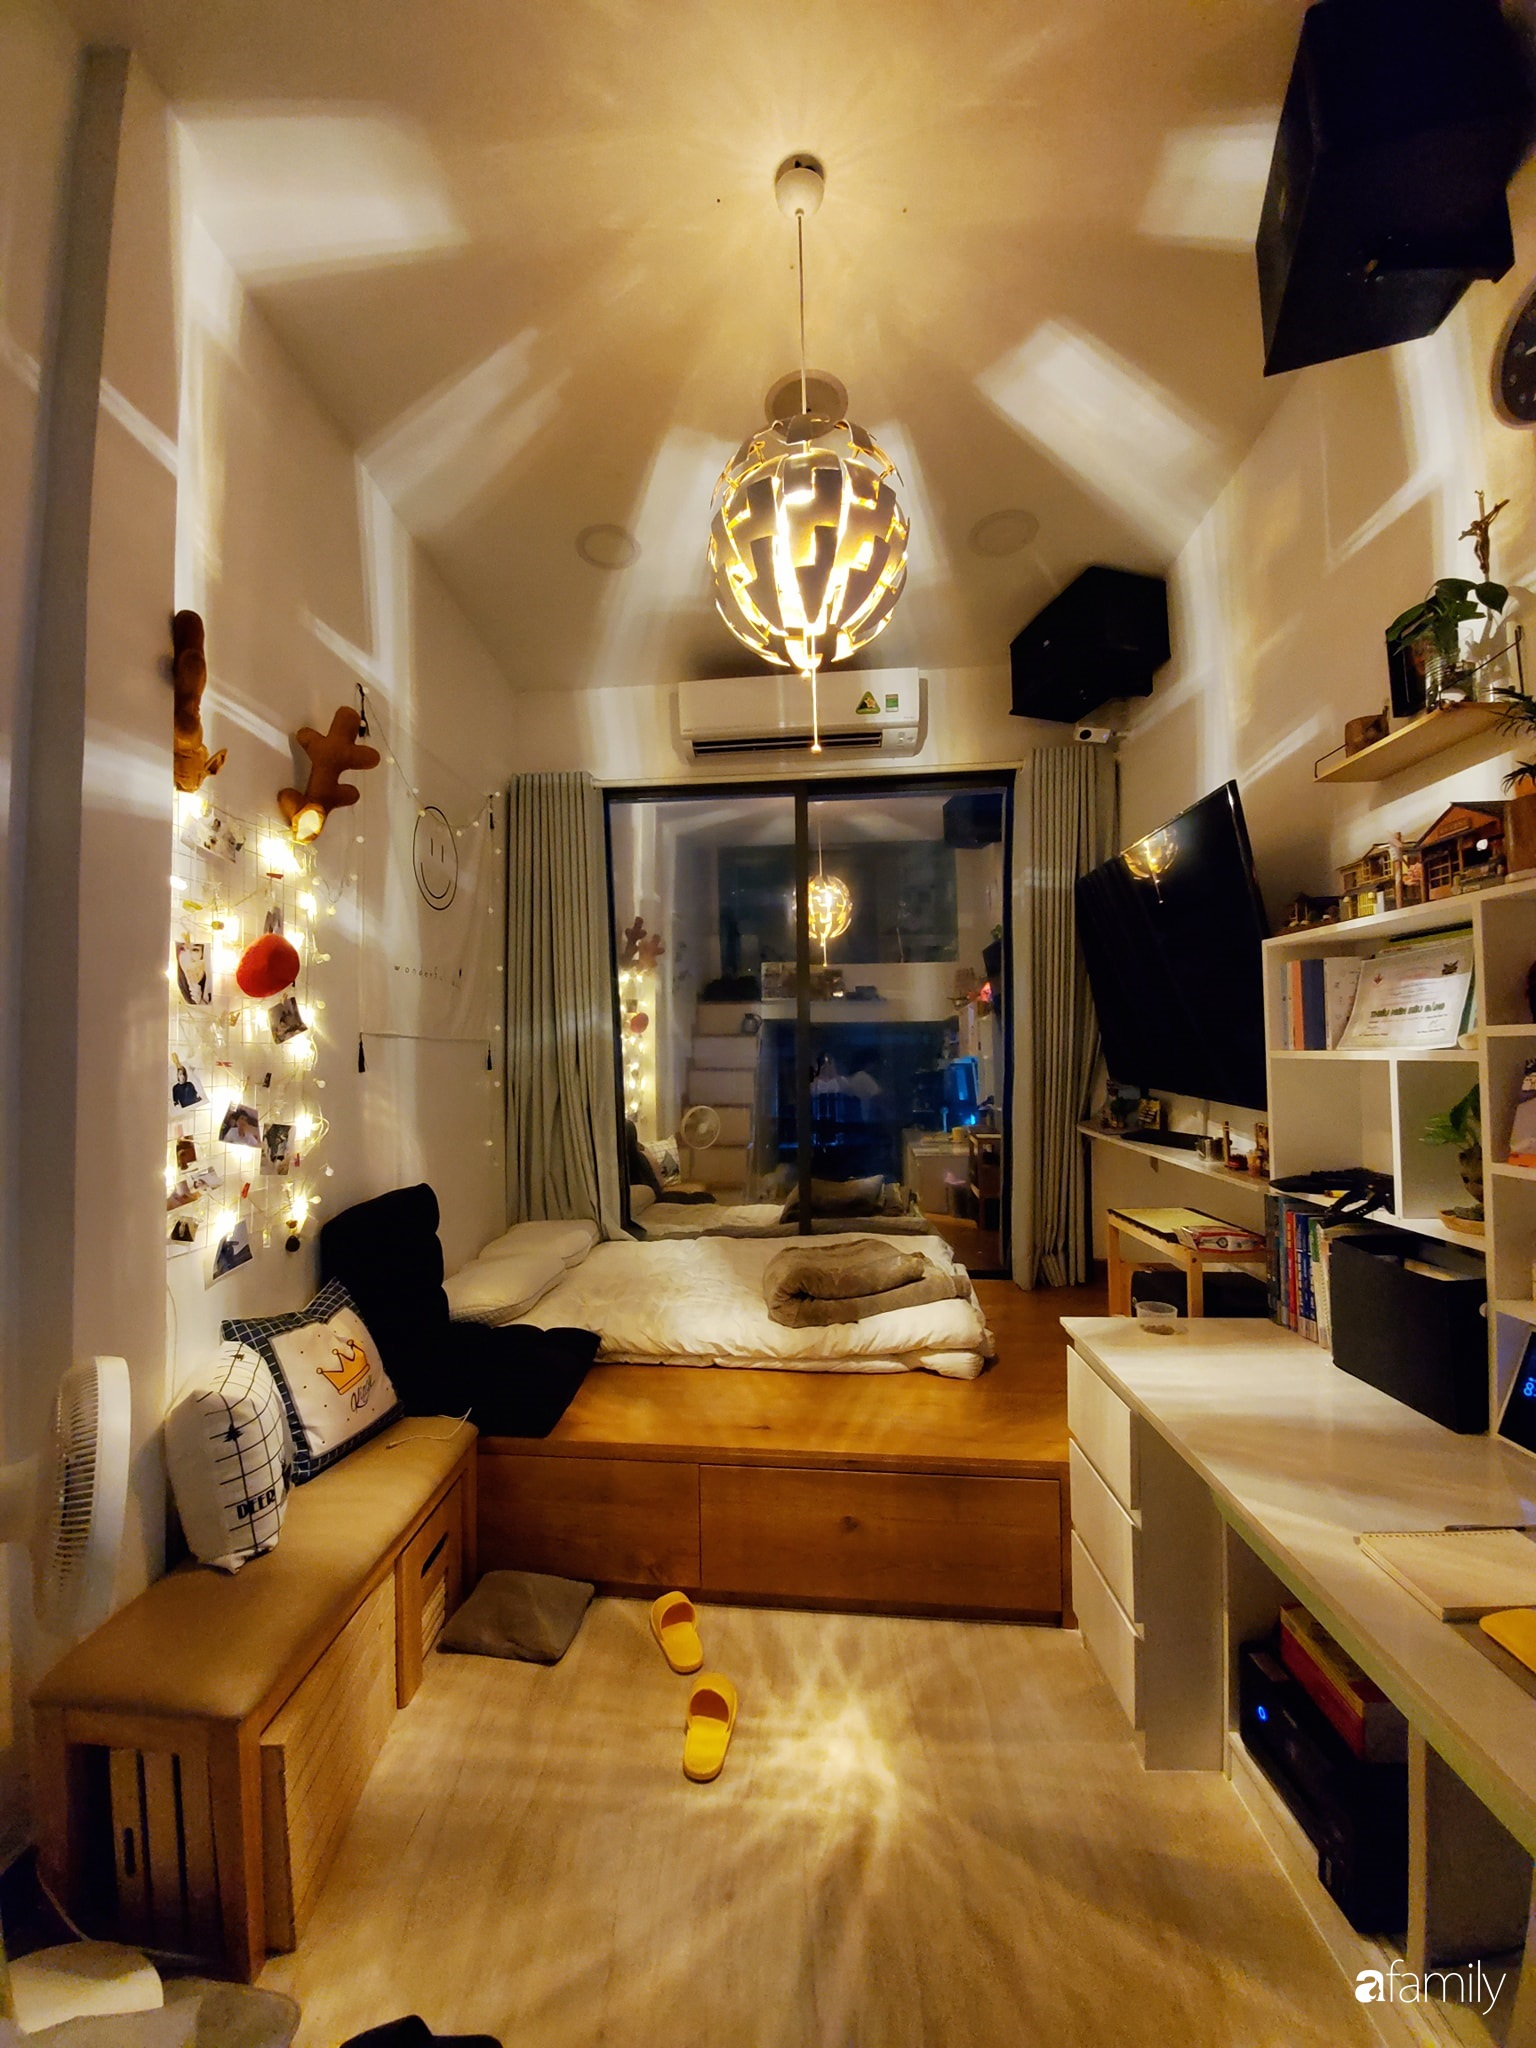 Cải tạo nhà phố 21m² trong ngõ nhỏ thành không gian xinh xắn, tiện nghi có chi phí hoàn thiện 700 triệu đồng ở Sài Gòn - Ảnh 25.